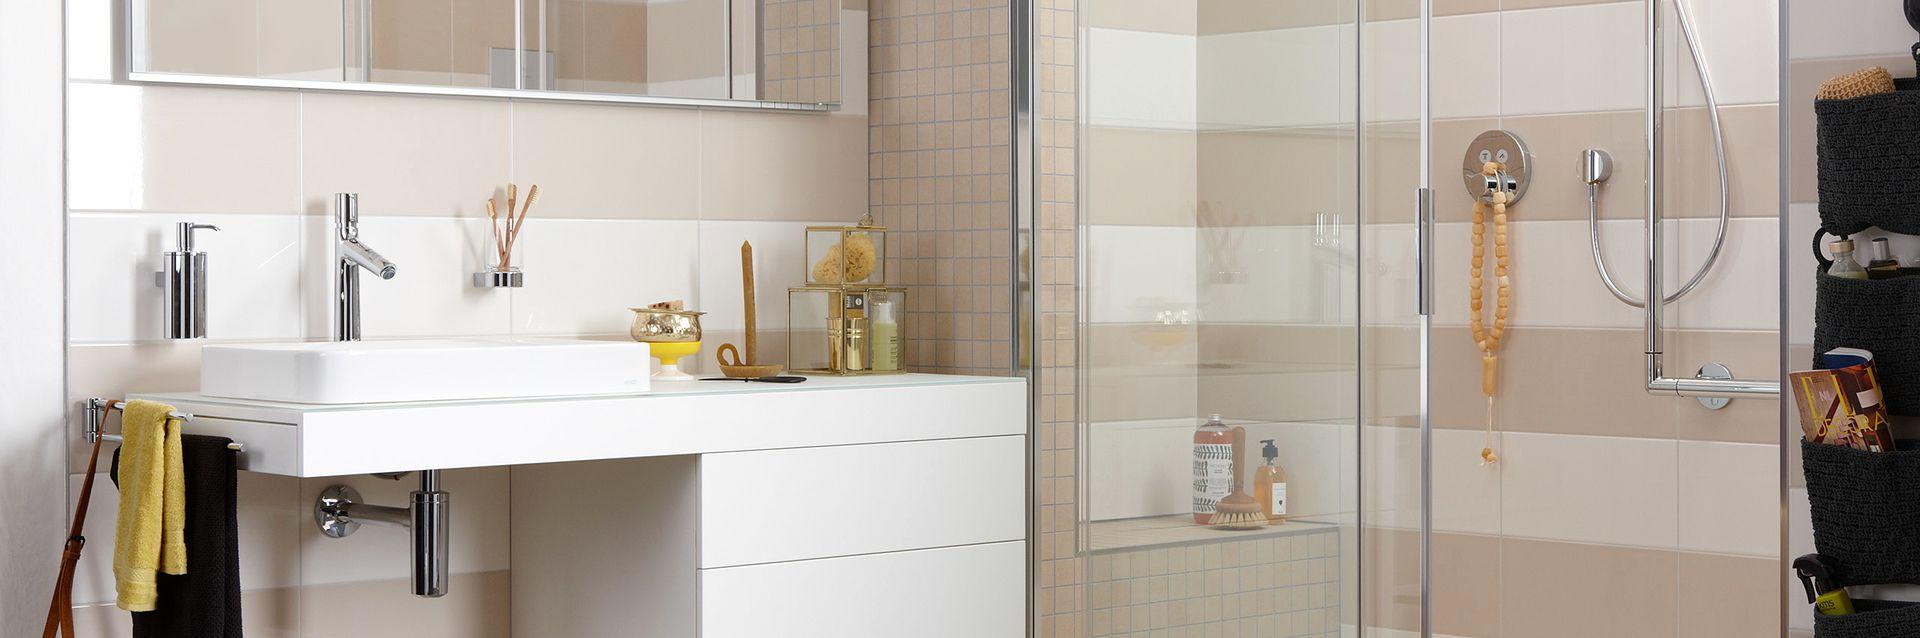 Senioren badkamer - Senioren badkamer